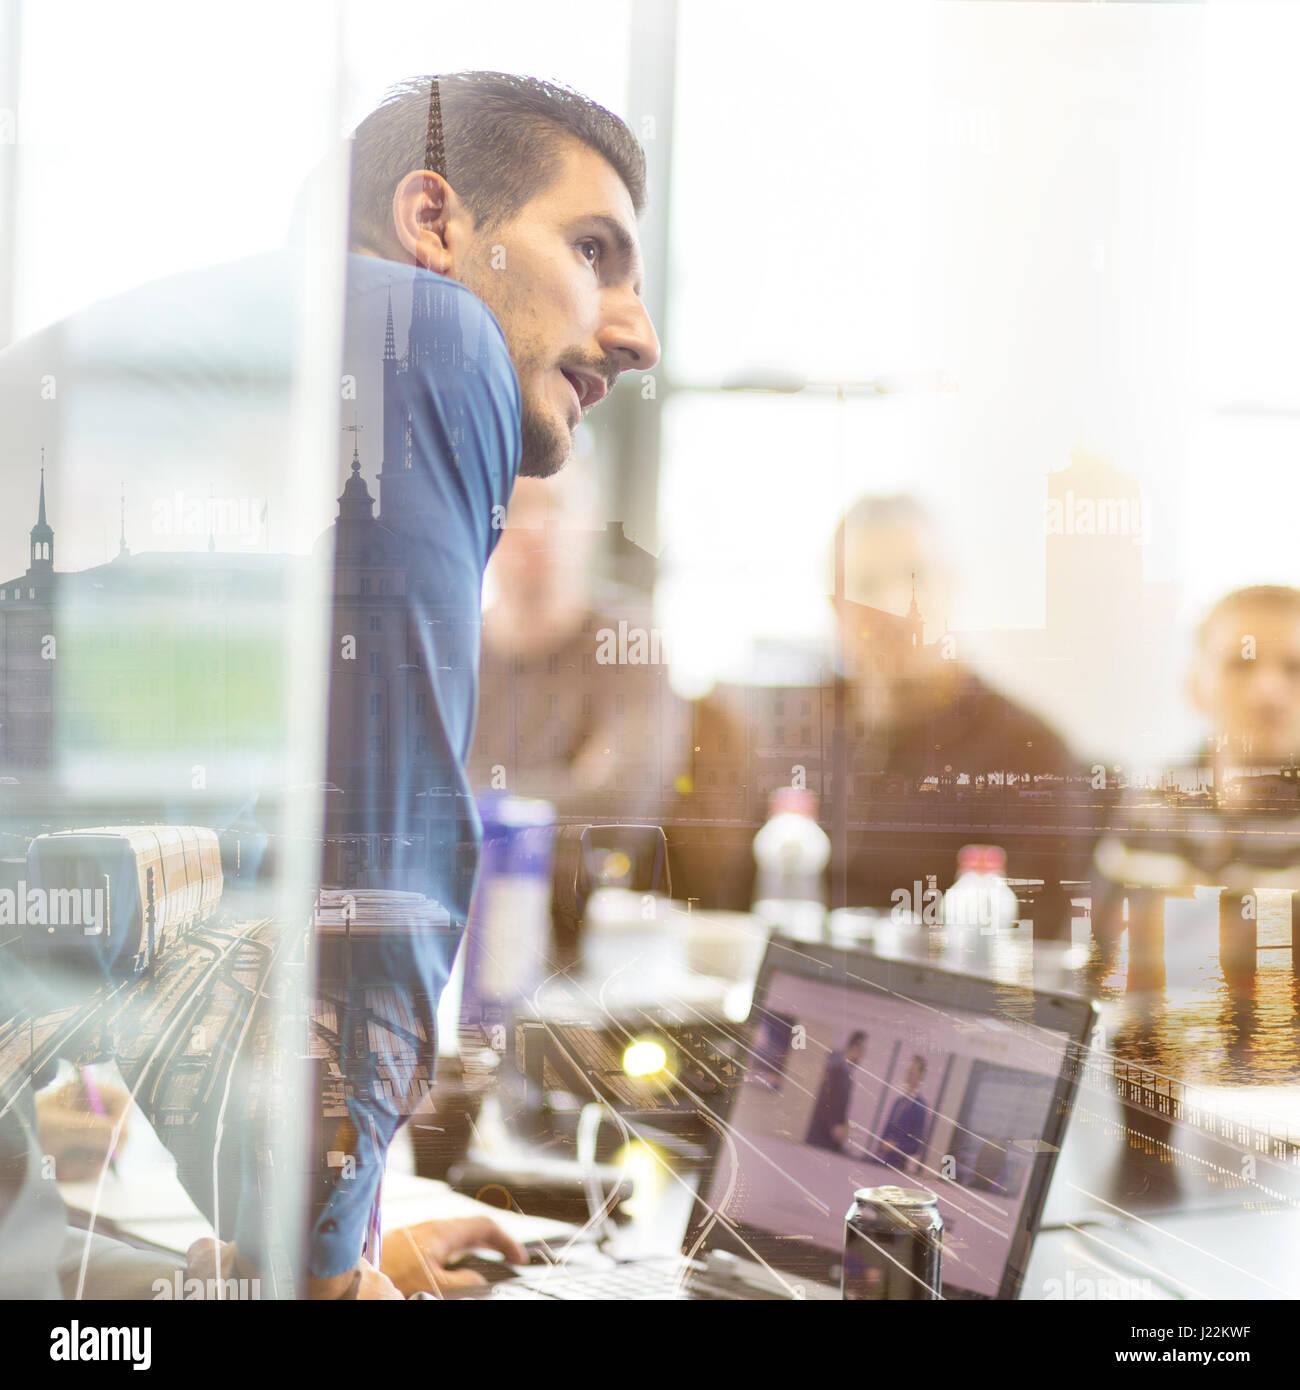 Présentation de l'entreprise sur la réunion. Photo Stock